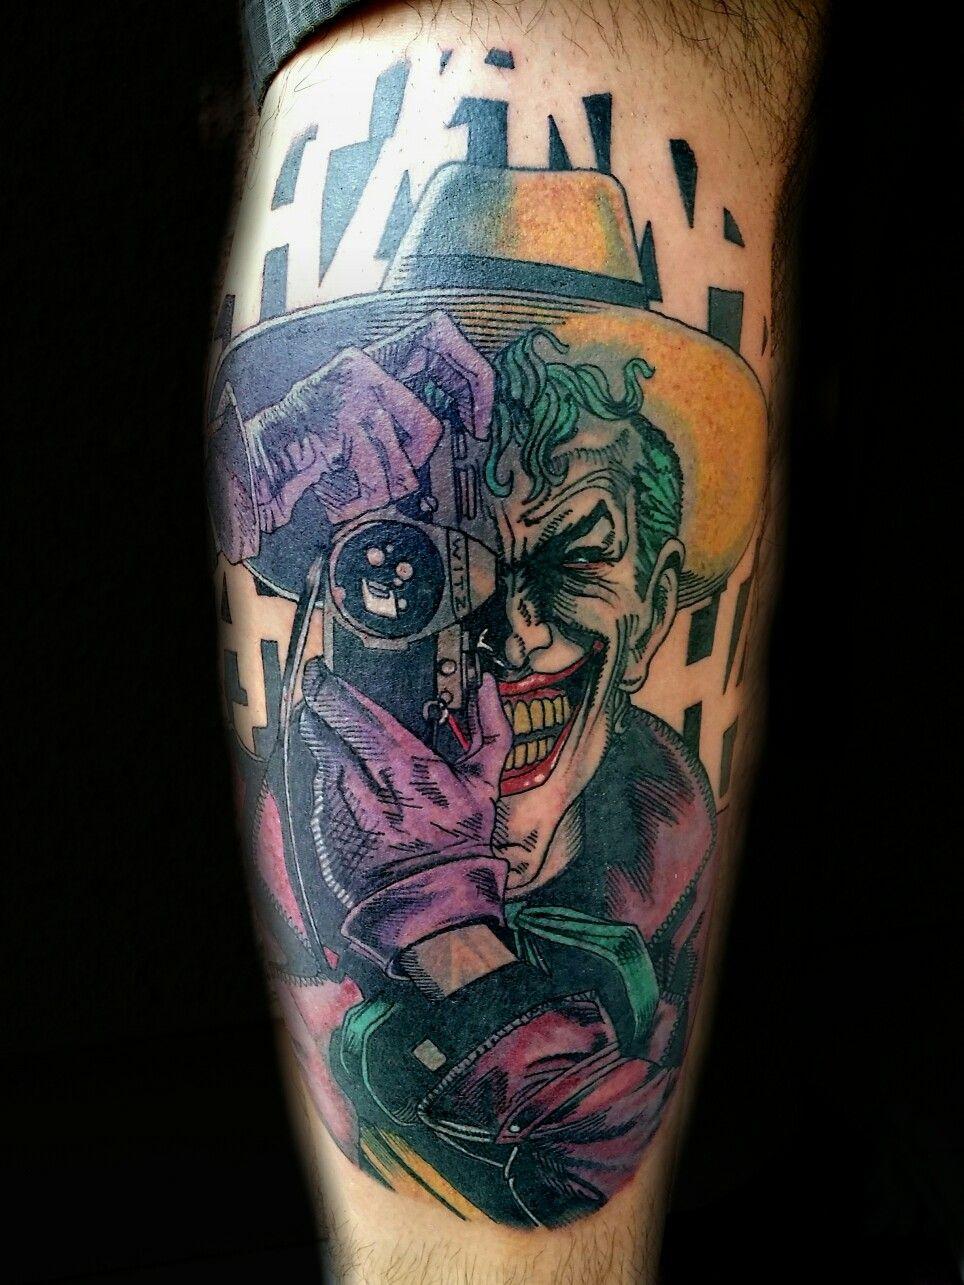 The Killing Joke Joker Tattoo Dc Comics By Steve Rieck From Las